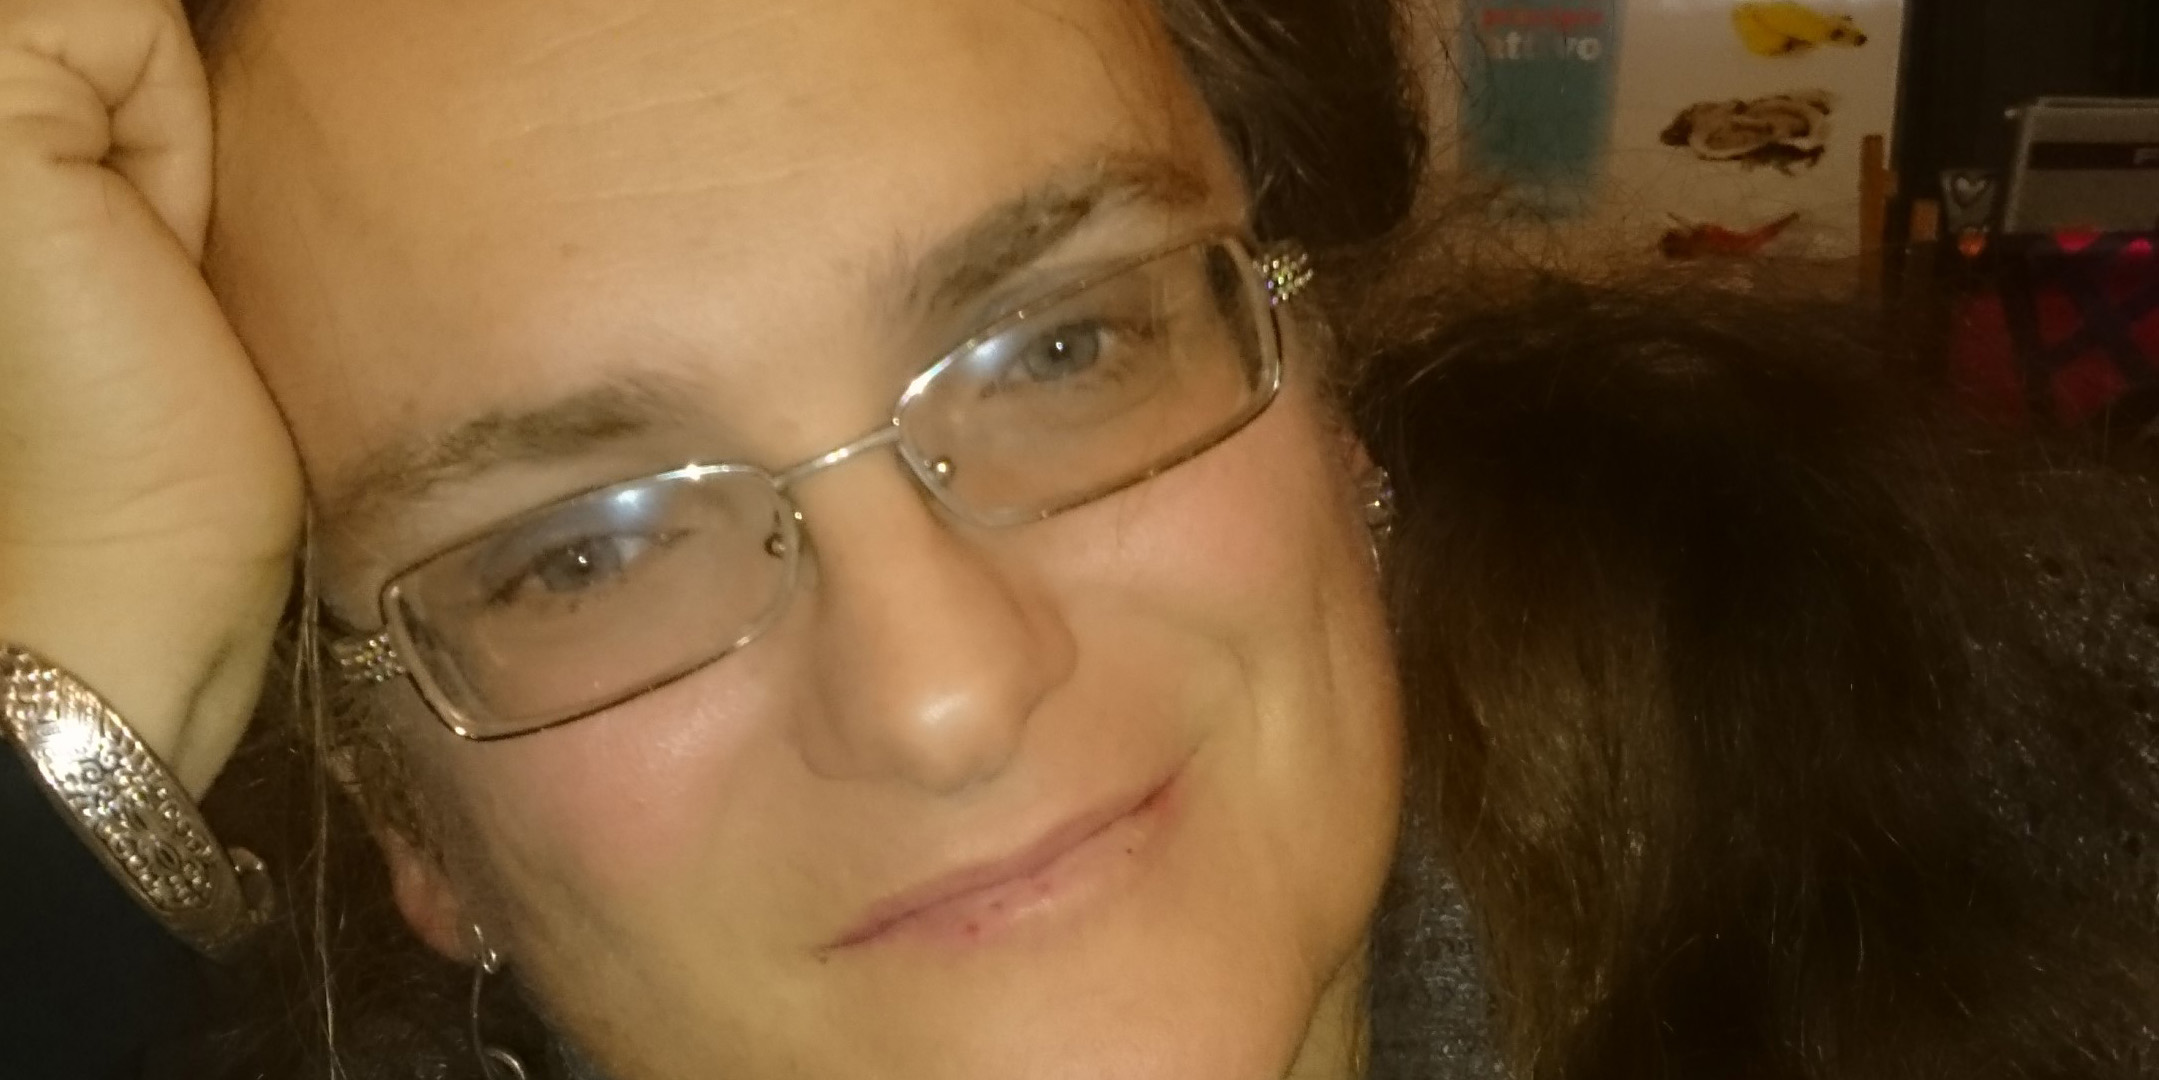 Photo of Rimane un giallo la morte dell'insegnante di Moncalieri: poche certezze dall'autopsia